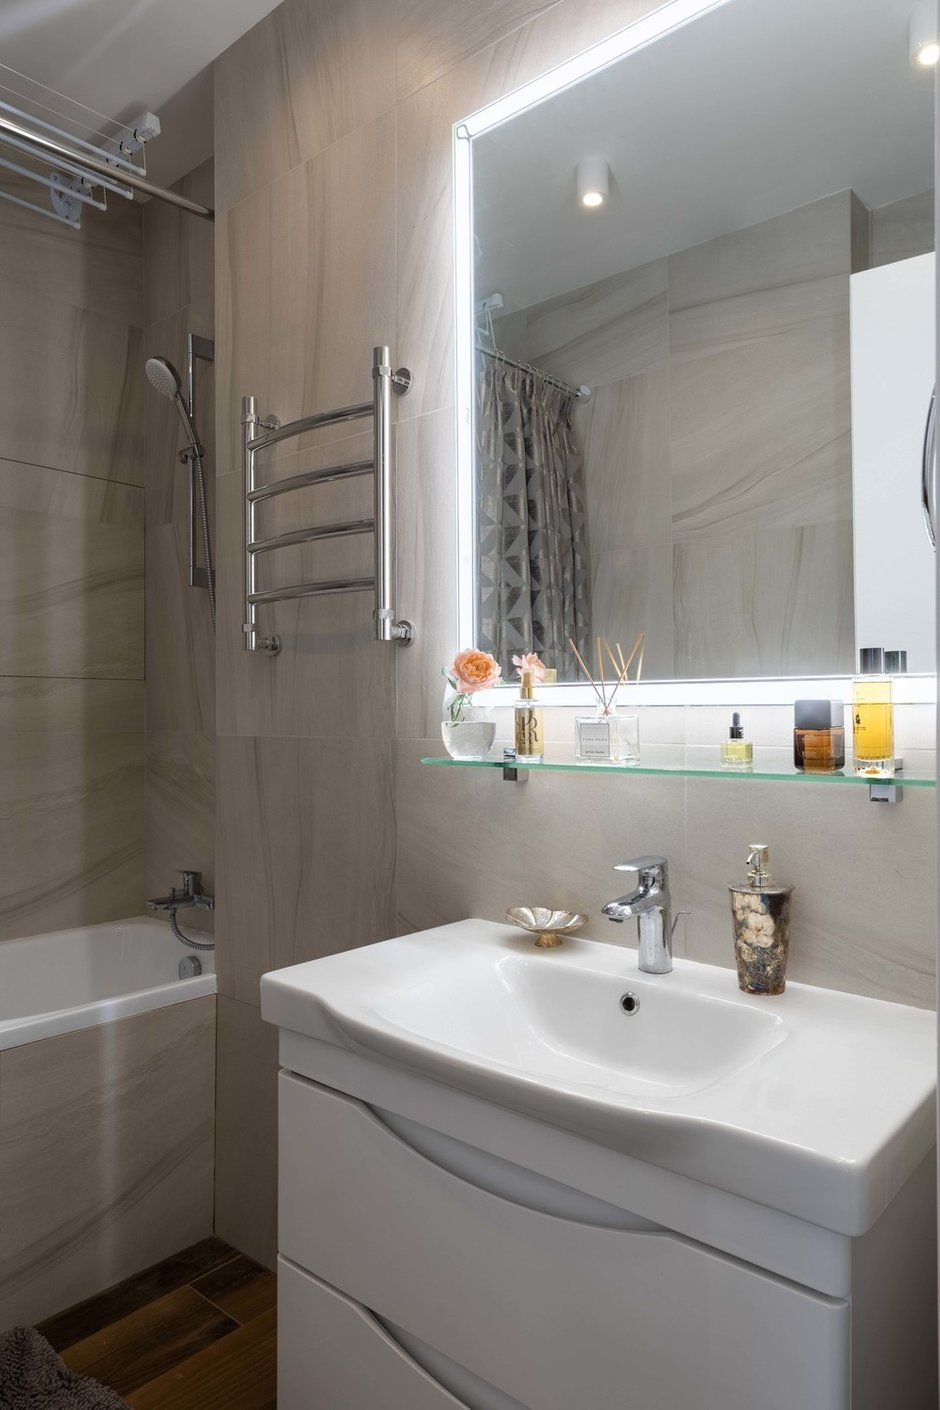 Фотография: Ванная в стиле Современный, Квартира, Проект недели, Москва, 2 комнаты, до 40 метров, Наталья Мукасьян – фото на INMYROOM